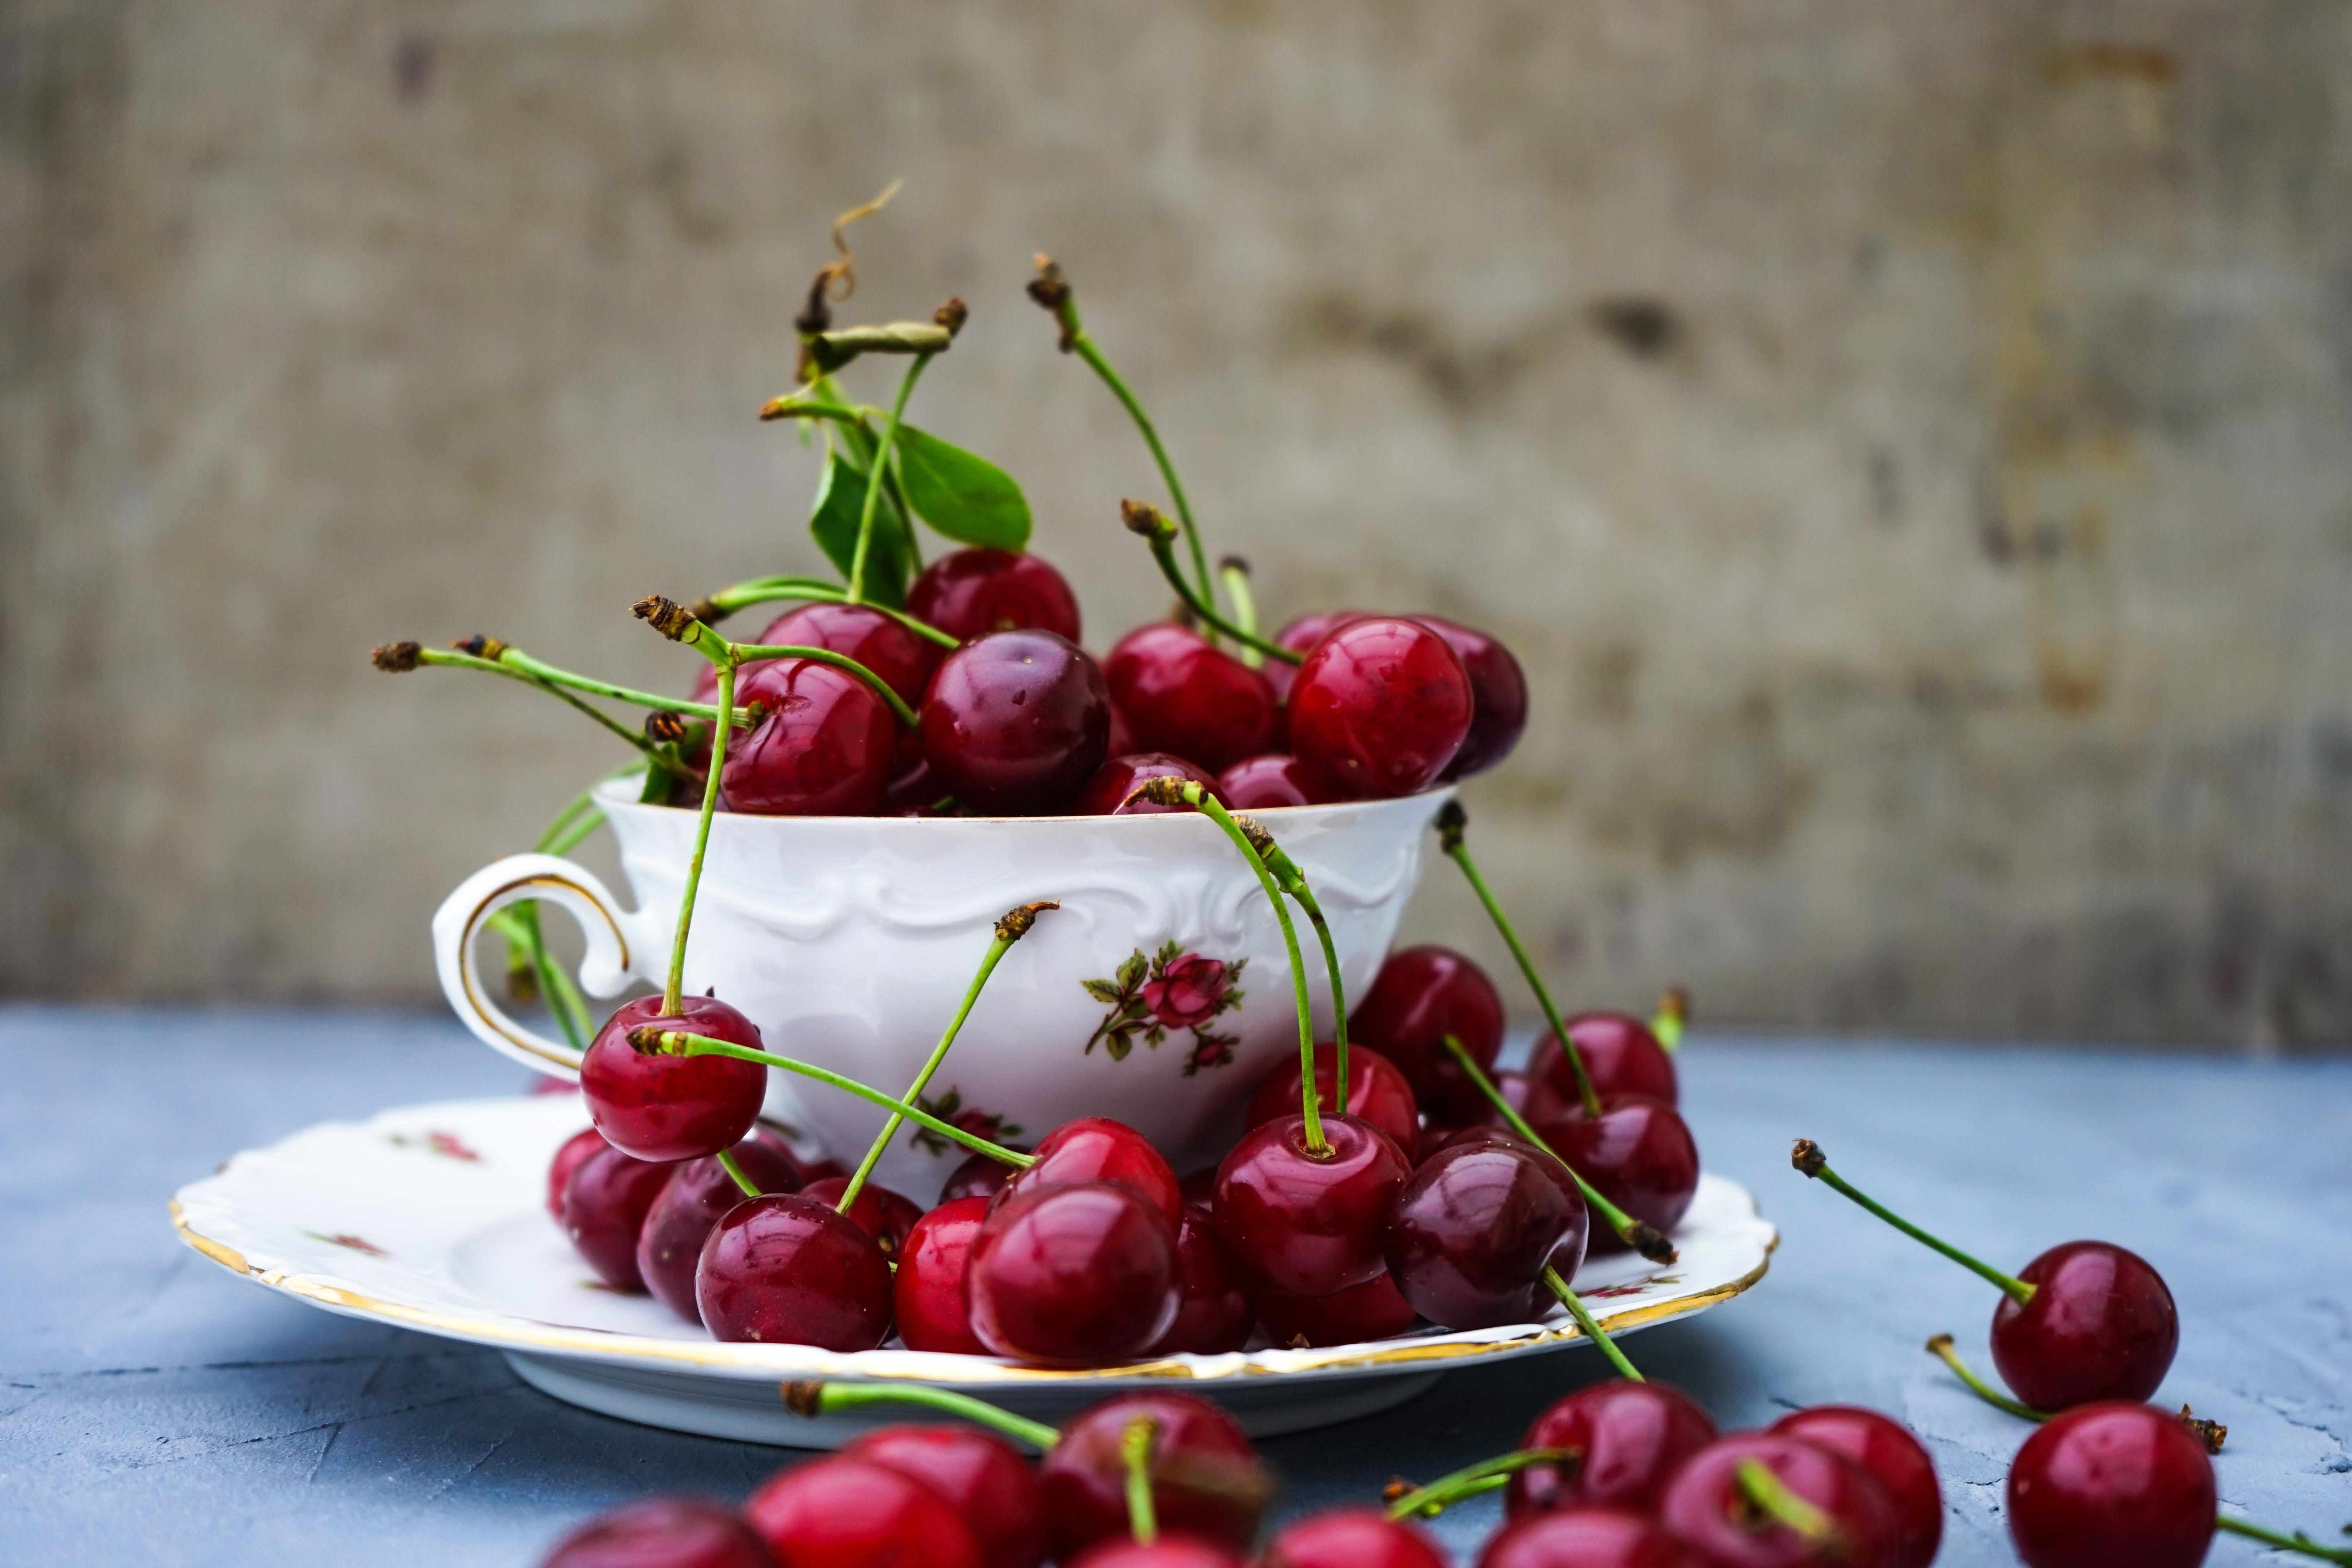 Обои ice, ягода, обои, Вишня. Еда foto 16